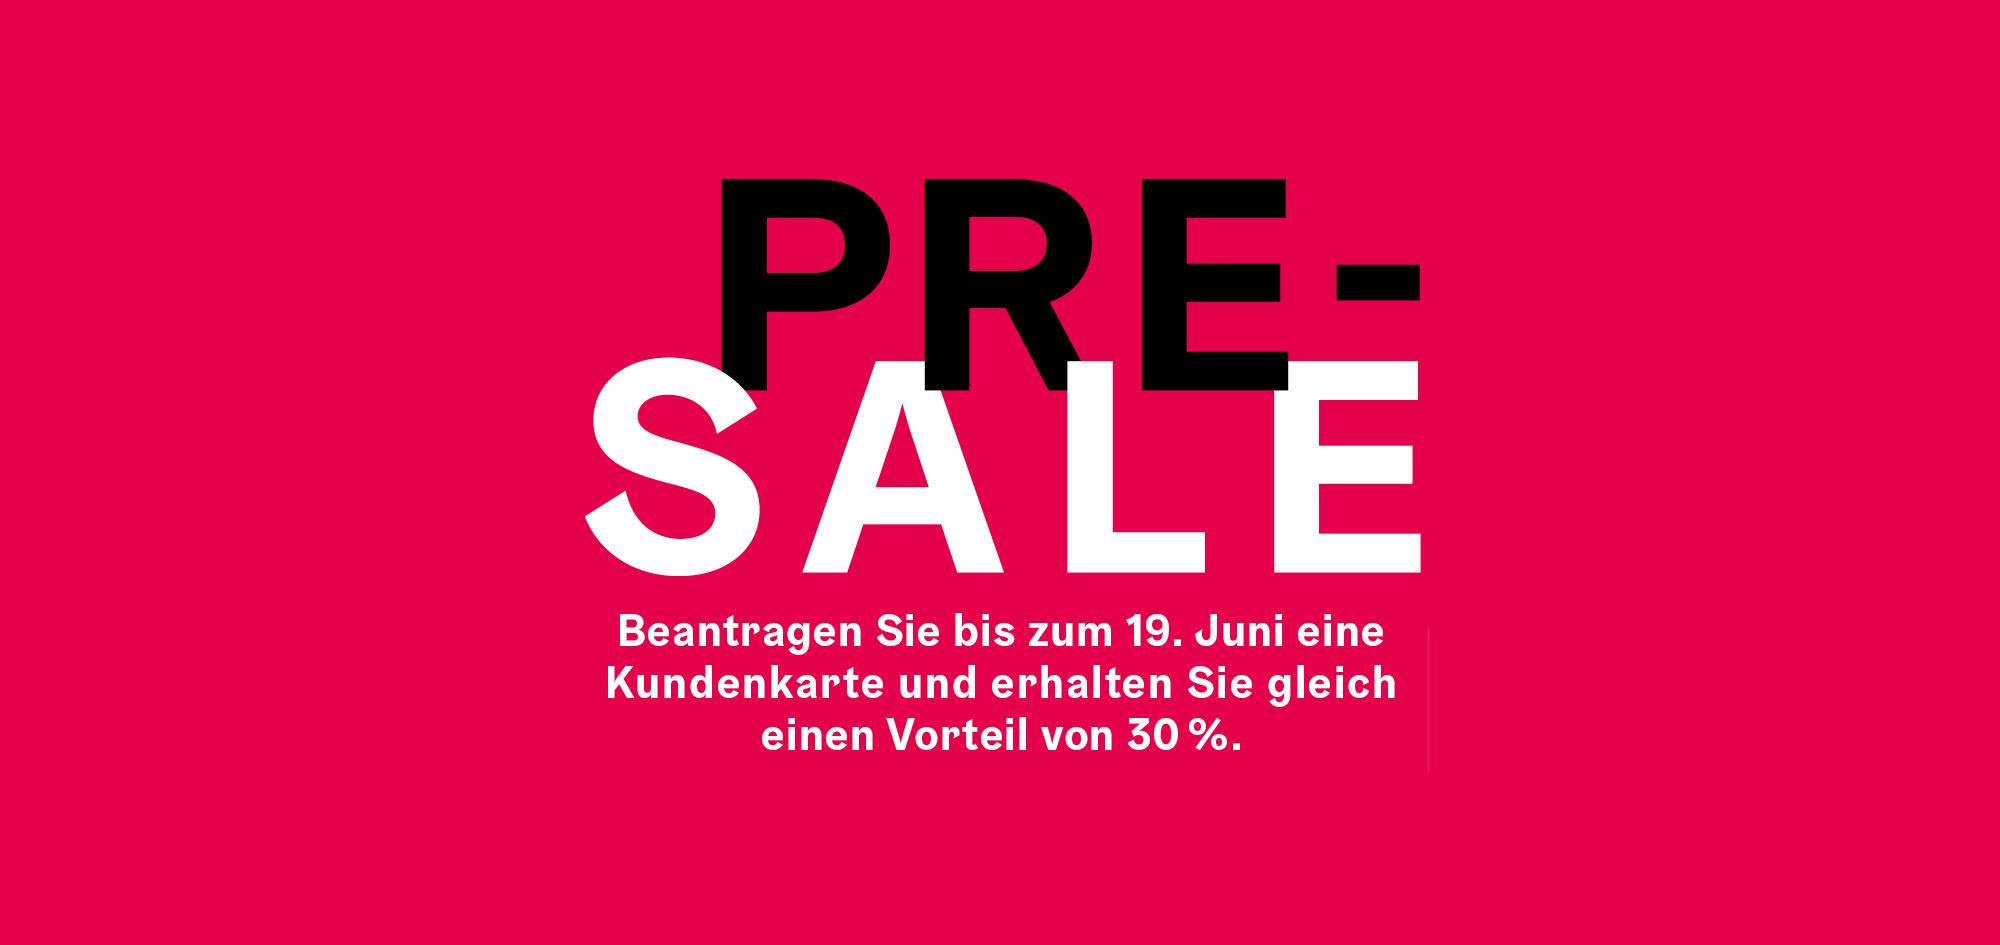 PreSale-XL-Teaser-2000x945px-190522-RZ-rgb_